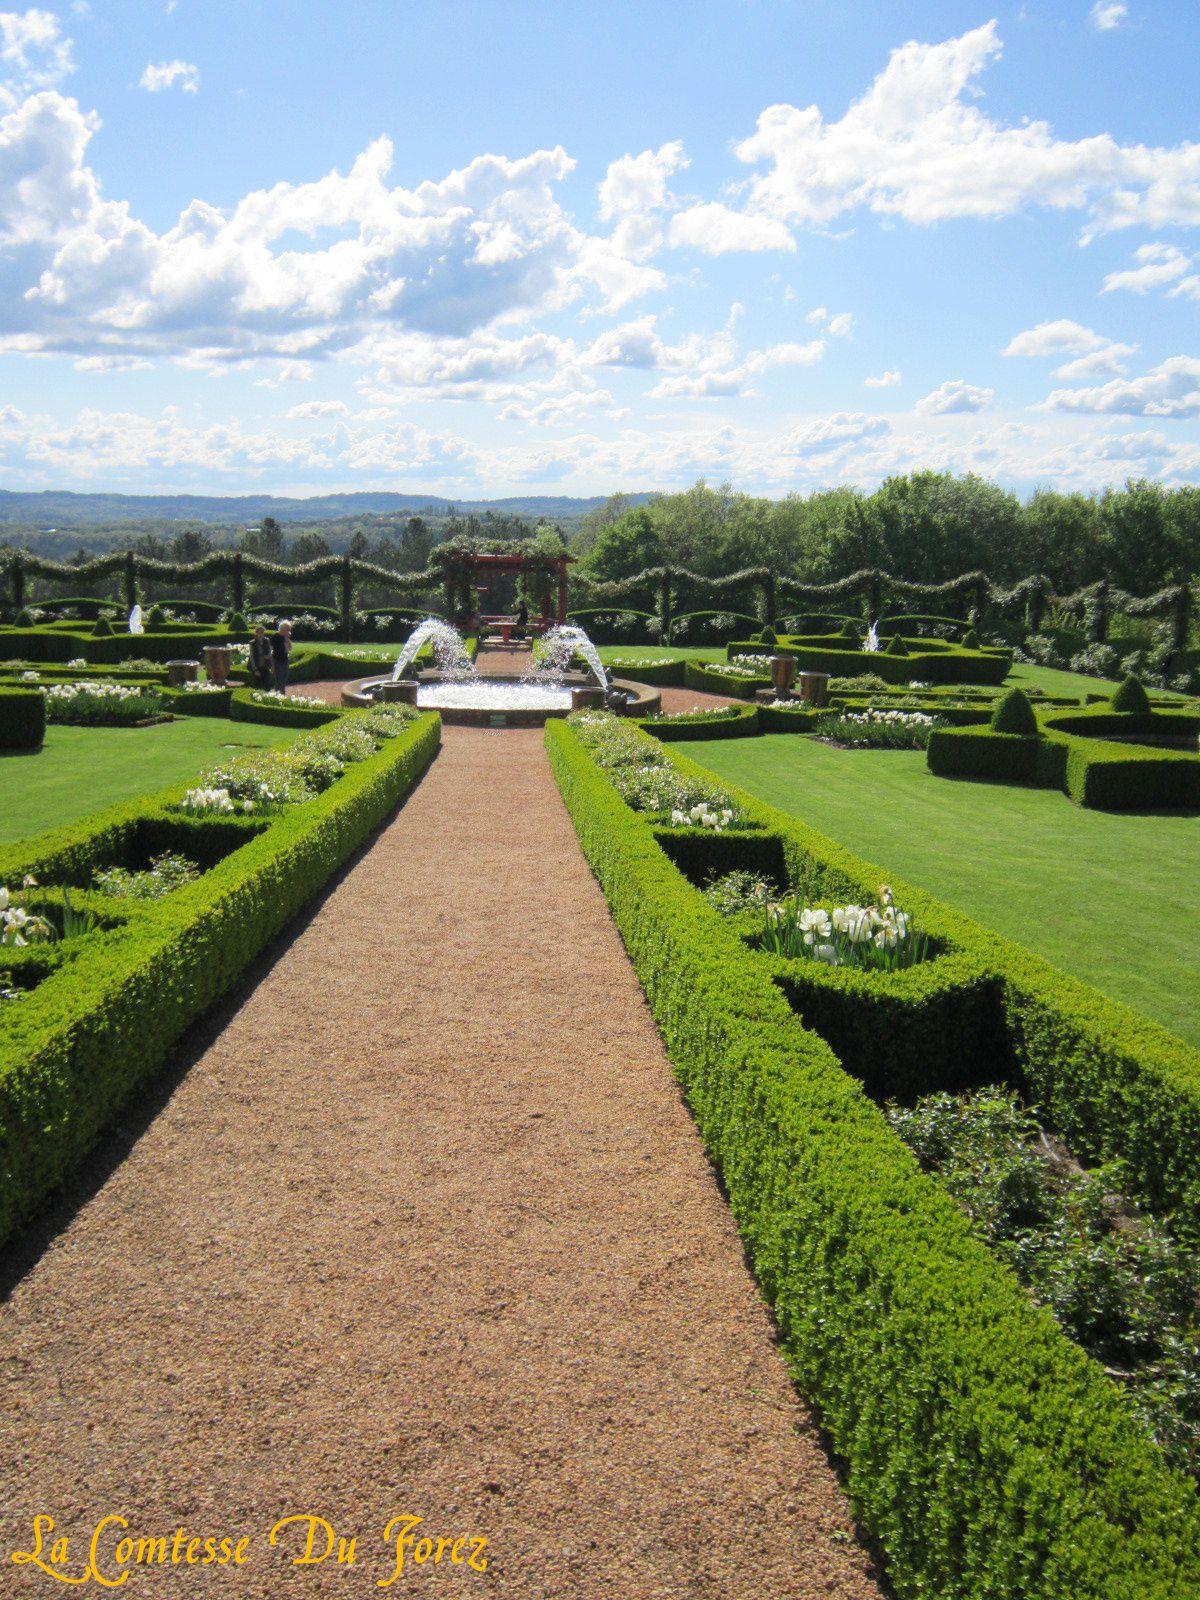 Ce jardin à la française, situé au centre du Périgord noir, se décline dans toutes les teintes de vert : ifs, buis, charmes et cyprès sont les essences principales du jardin. Les formes très géométriques et les allées très rectilignes, rappellent le style d'origine.